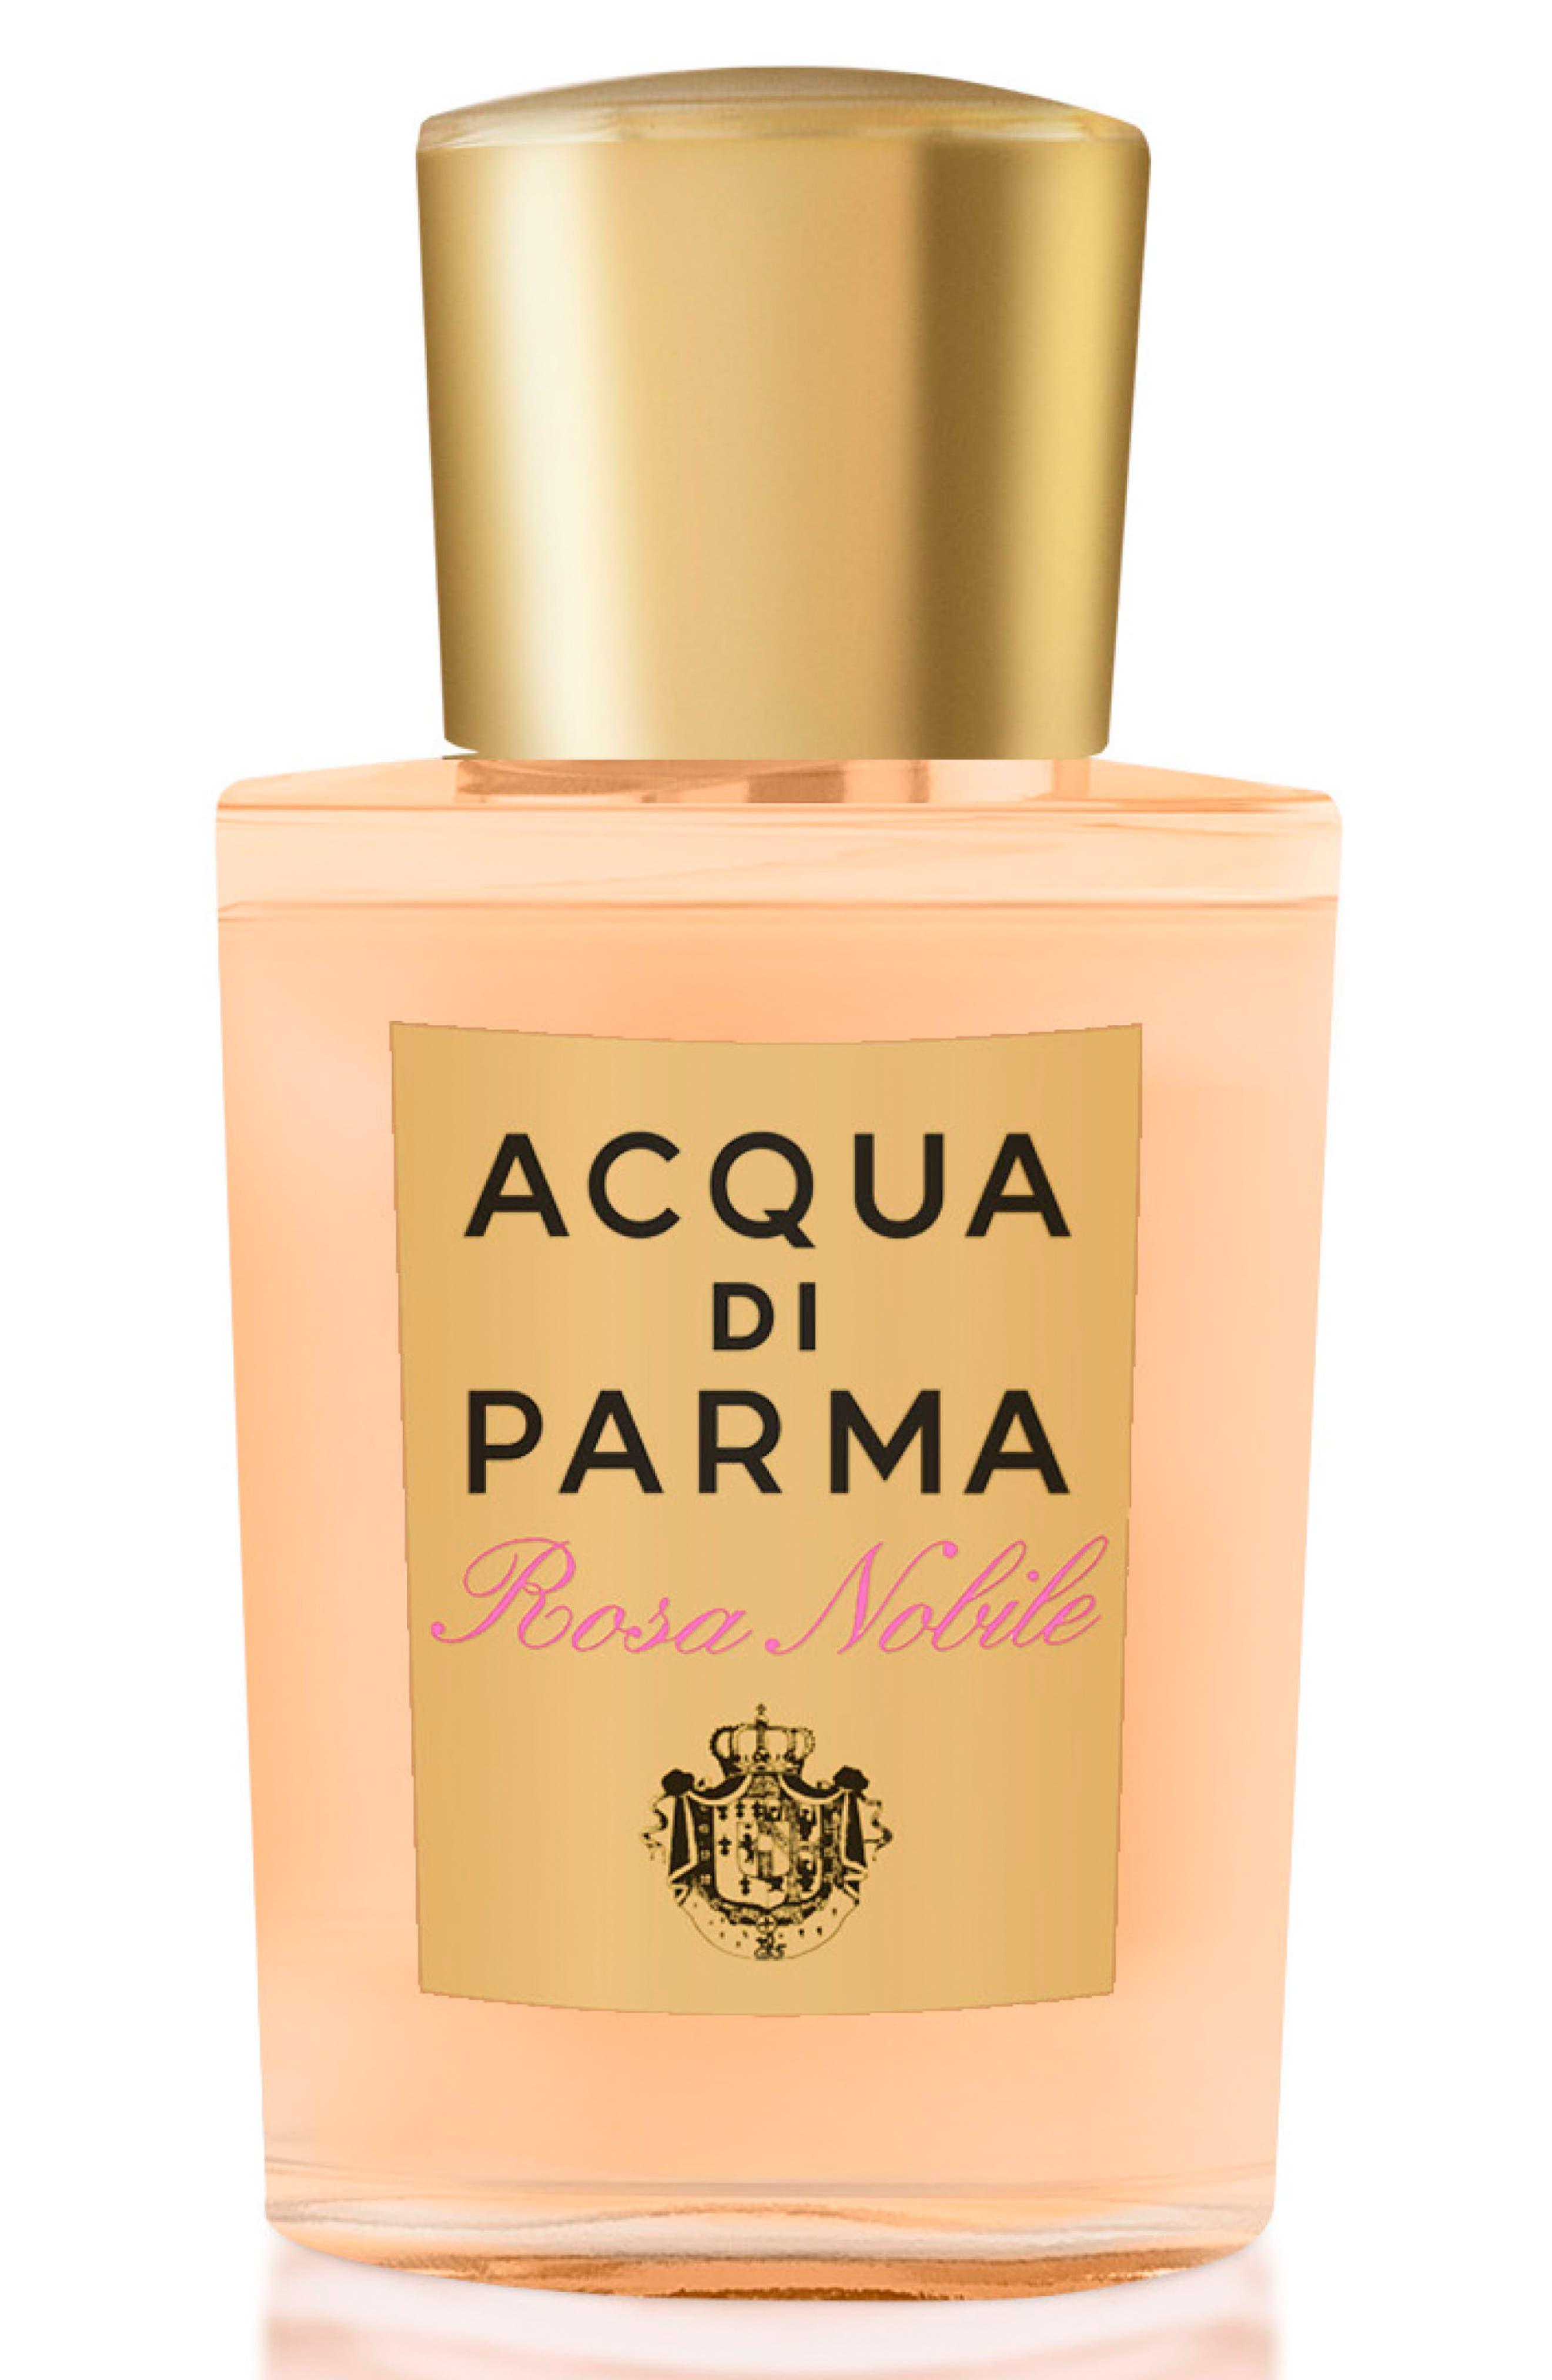 ACQUA DI PARMA, Rosa Nobile Eau de Parfum, Alternate thumbnail 4, color, NO COLOR